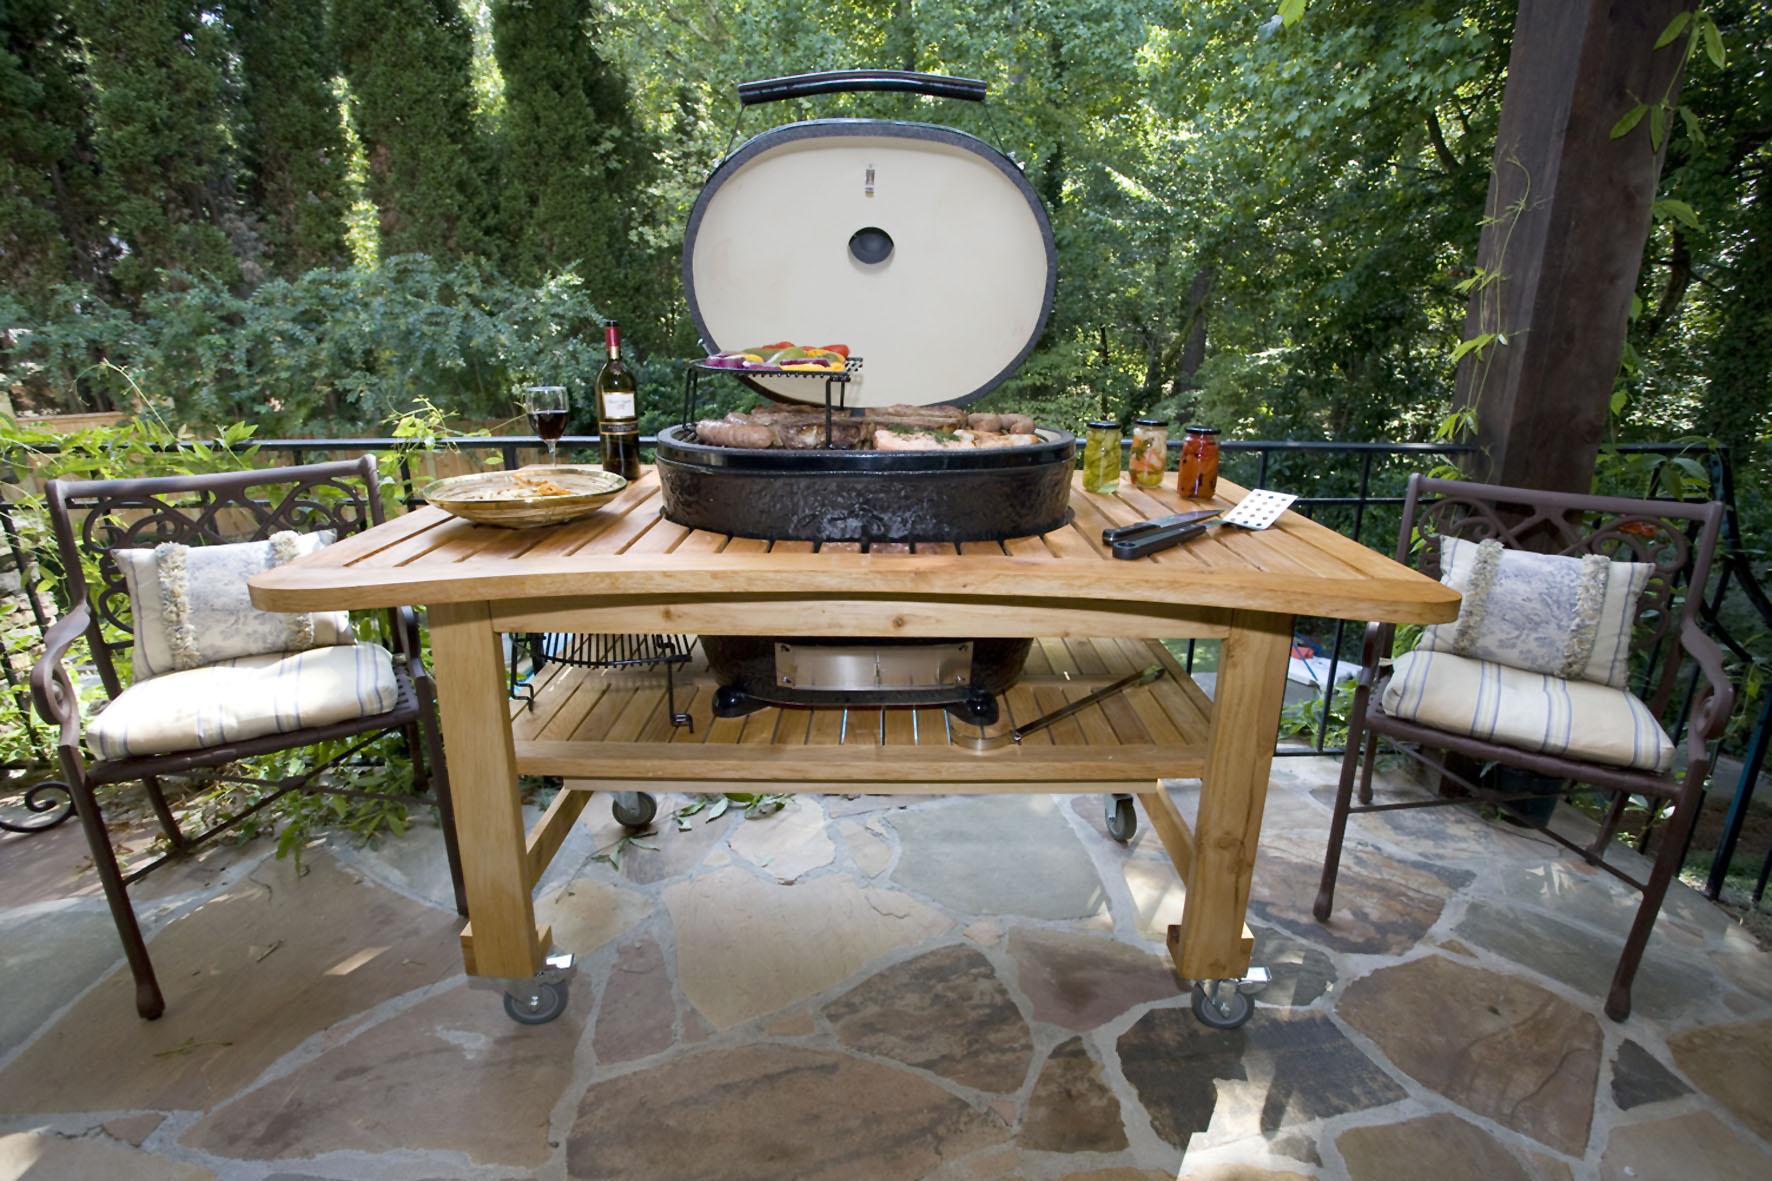 Grillen Praktisch und stylish: in den Gartentisch eingebauter Keramikgrill.